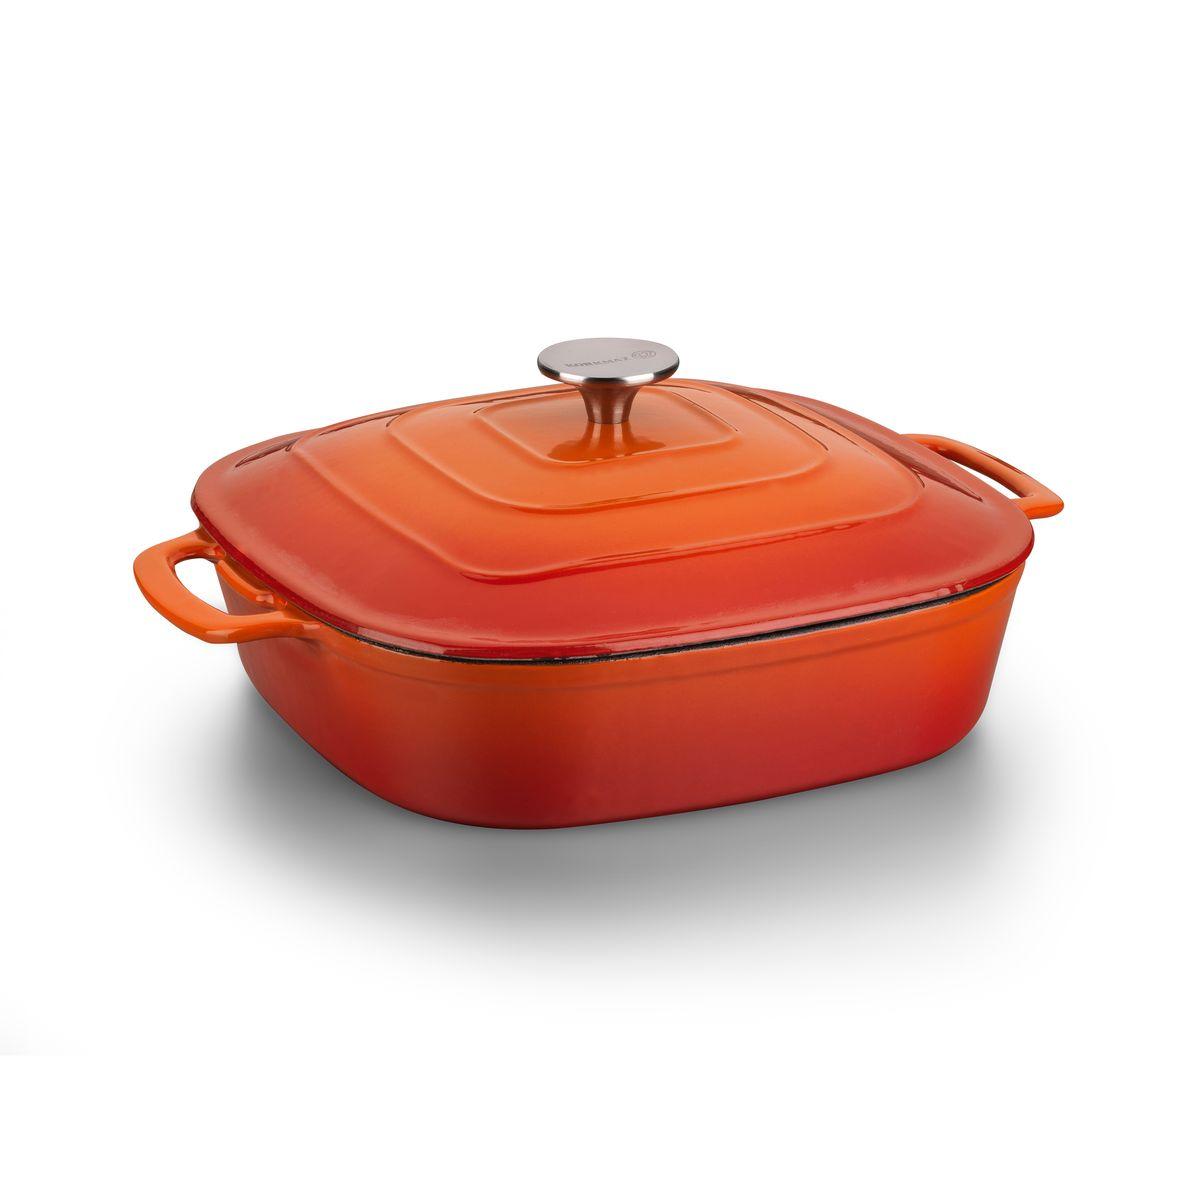 Сотейник Korkmaz Casterra с крышкой, цвет: оранжевый, красный, 28 см х 28 смA1475Сотейник Korkmaz Casterra, изготовленный из чугуна, идеально подходит для приготовления мясных и овощных блюд, соусов, каш и рагу. За счет возможности готовки на невысоких температурах, блюдо не пригорит и не потеряет сочность. Чугун является традиционным высокопрочным, экологически чистым материалом. Он идеально подходит для готовки как на плитах, так и в духовках, его можно разогревать до очень высоких температур, чего не перенесет, например, посуда с антипригарным покрытием. Чугун отличается исключительной износостойкостью, практически не подвержен деформации и обладает естественными антипригарными свойствами. Высокая теплоемкость чугуна позволяет ему сильно нагреваться и медленно остывать, а это в свою очередь обеспечивает равномерное приготовление пищи. Эмалевое внутреннее и наружное покрытие: способно нагреваться до высоких температур, не выделяет токсичных паров при готовке, не содержит тяжелых металлов (таких как свинец и кадмий), легко мыть и хранить....